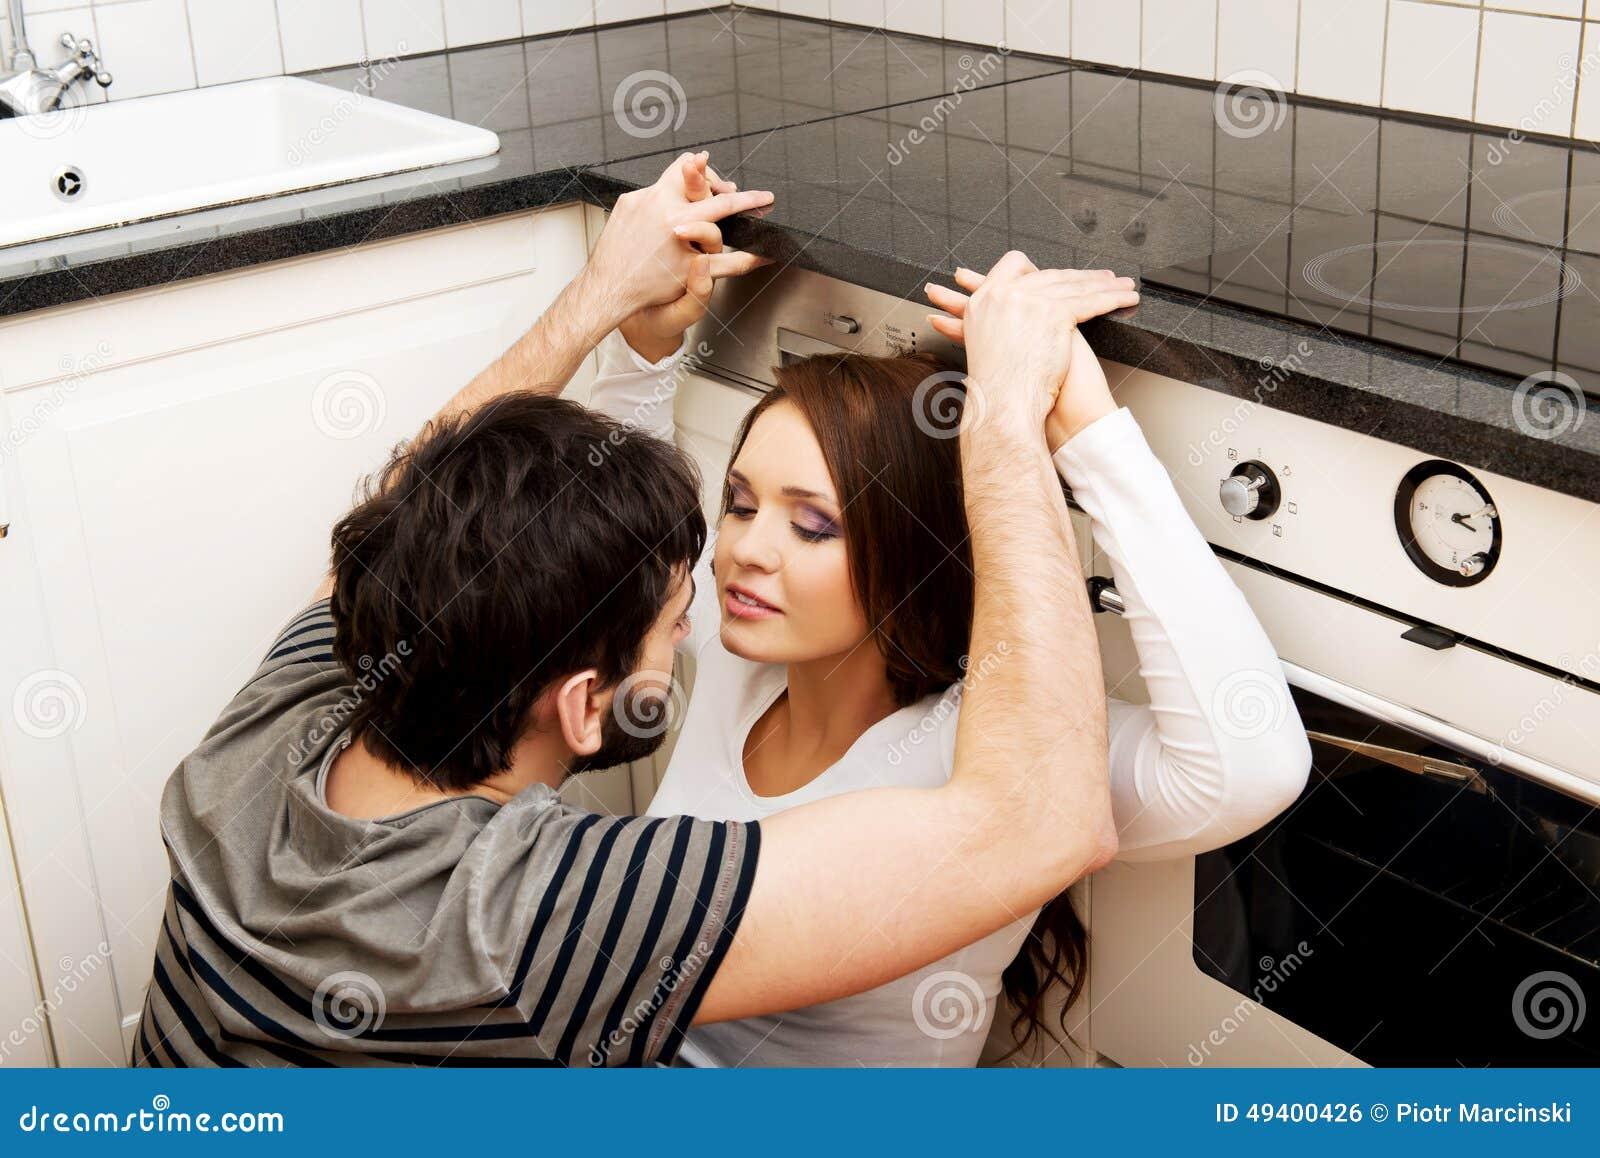 Download Junge Paare, Die In Der Küche Sich Umfassen Stockfoto - Bild von küche, paare: 49400426